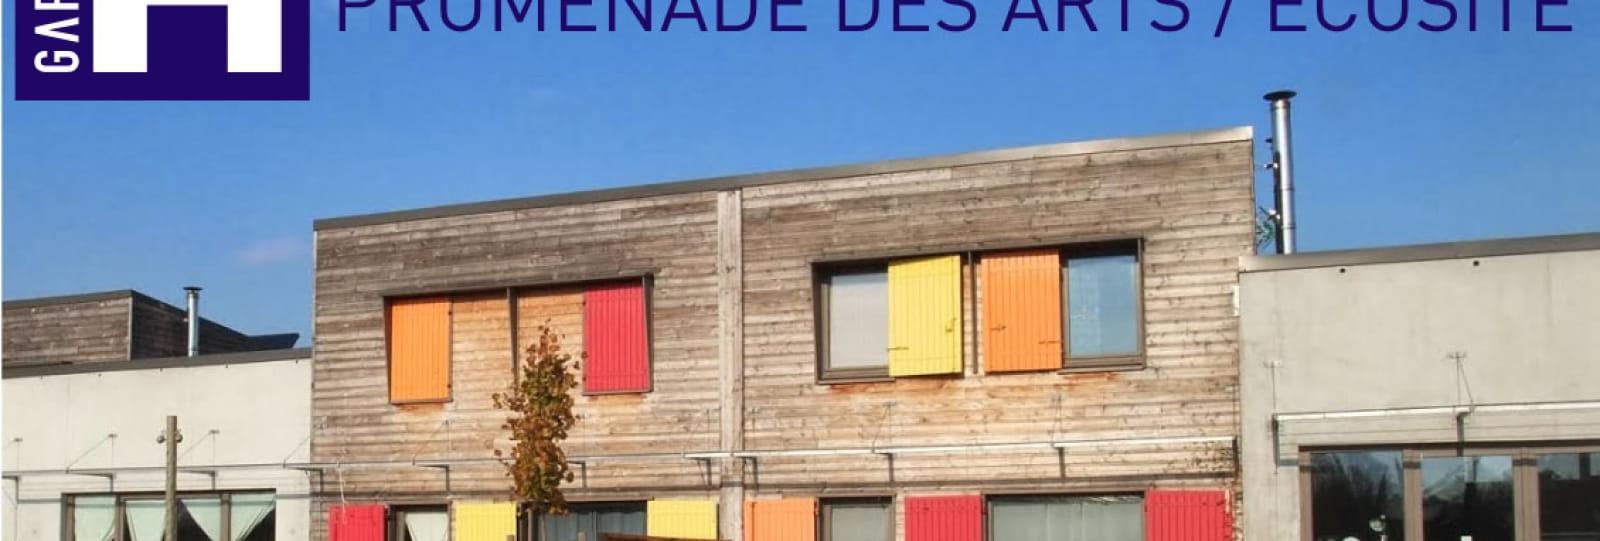 Atelier d'Artistes - Promenade des Arts